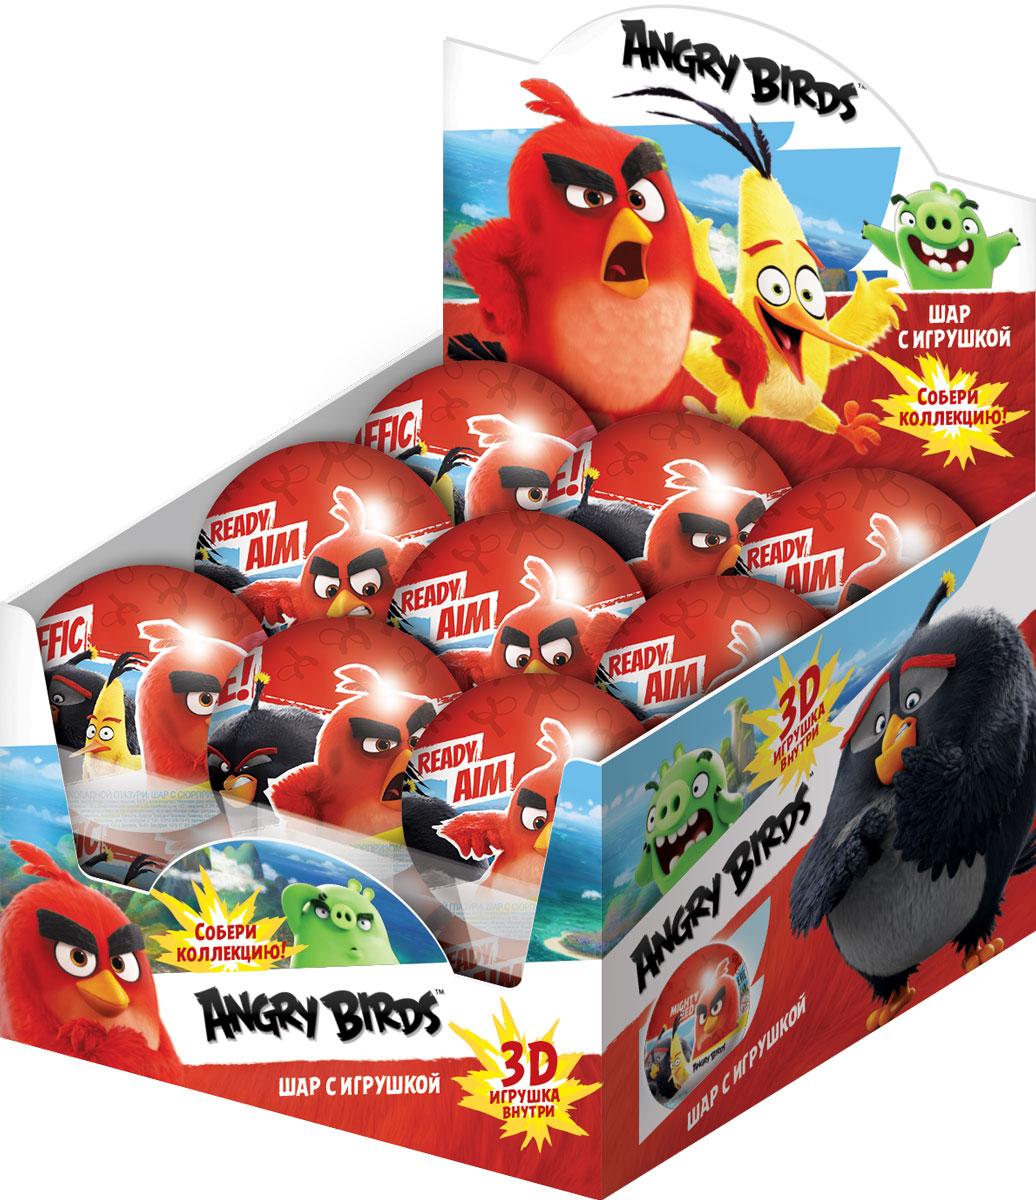 Angry Birds Movie шоколадный шар с сюрпризом, 18 шт по 25 г